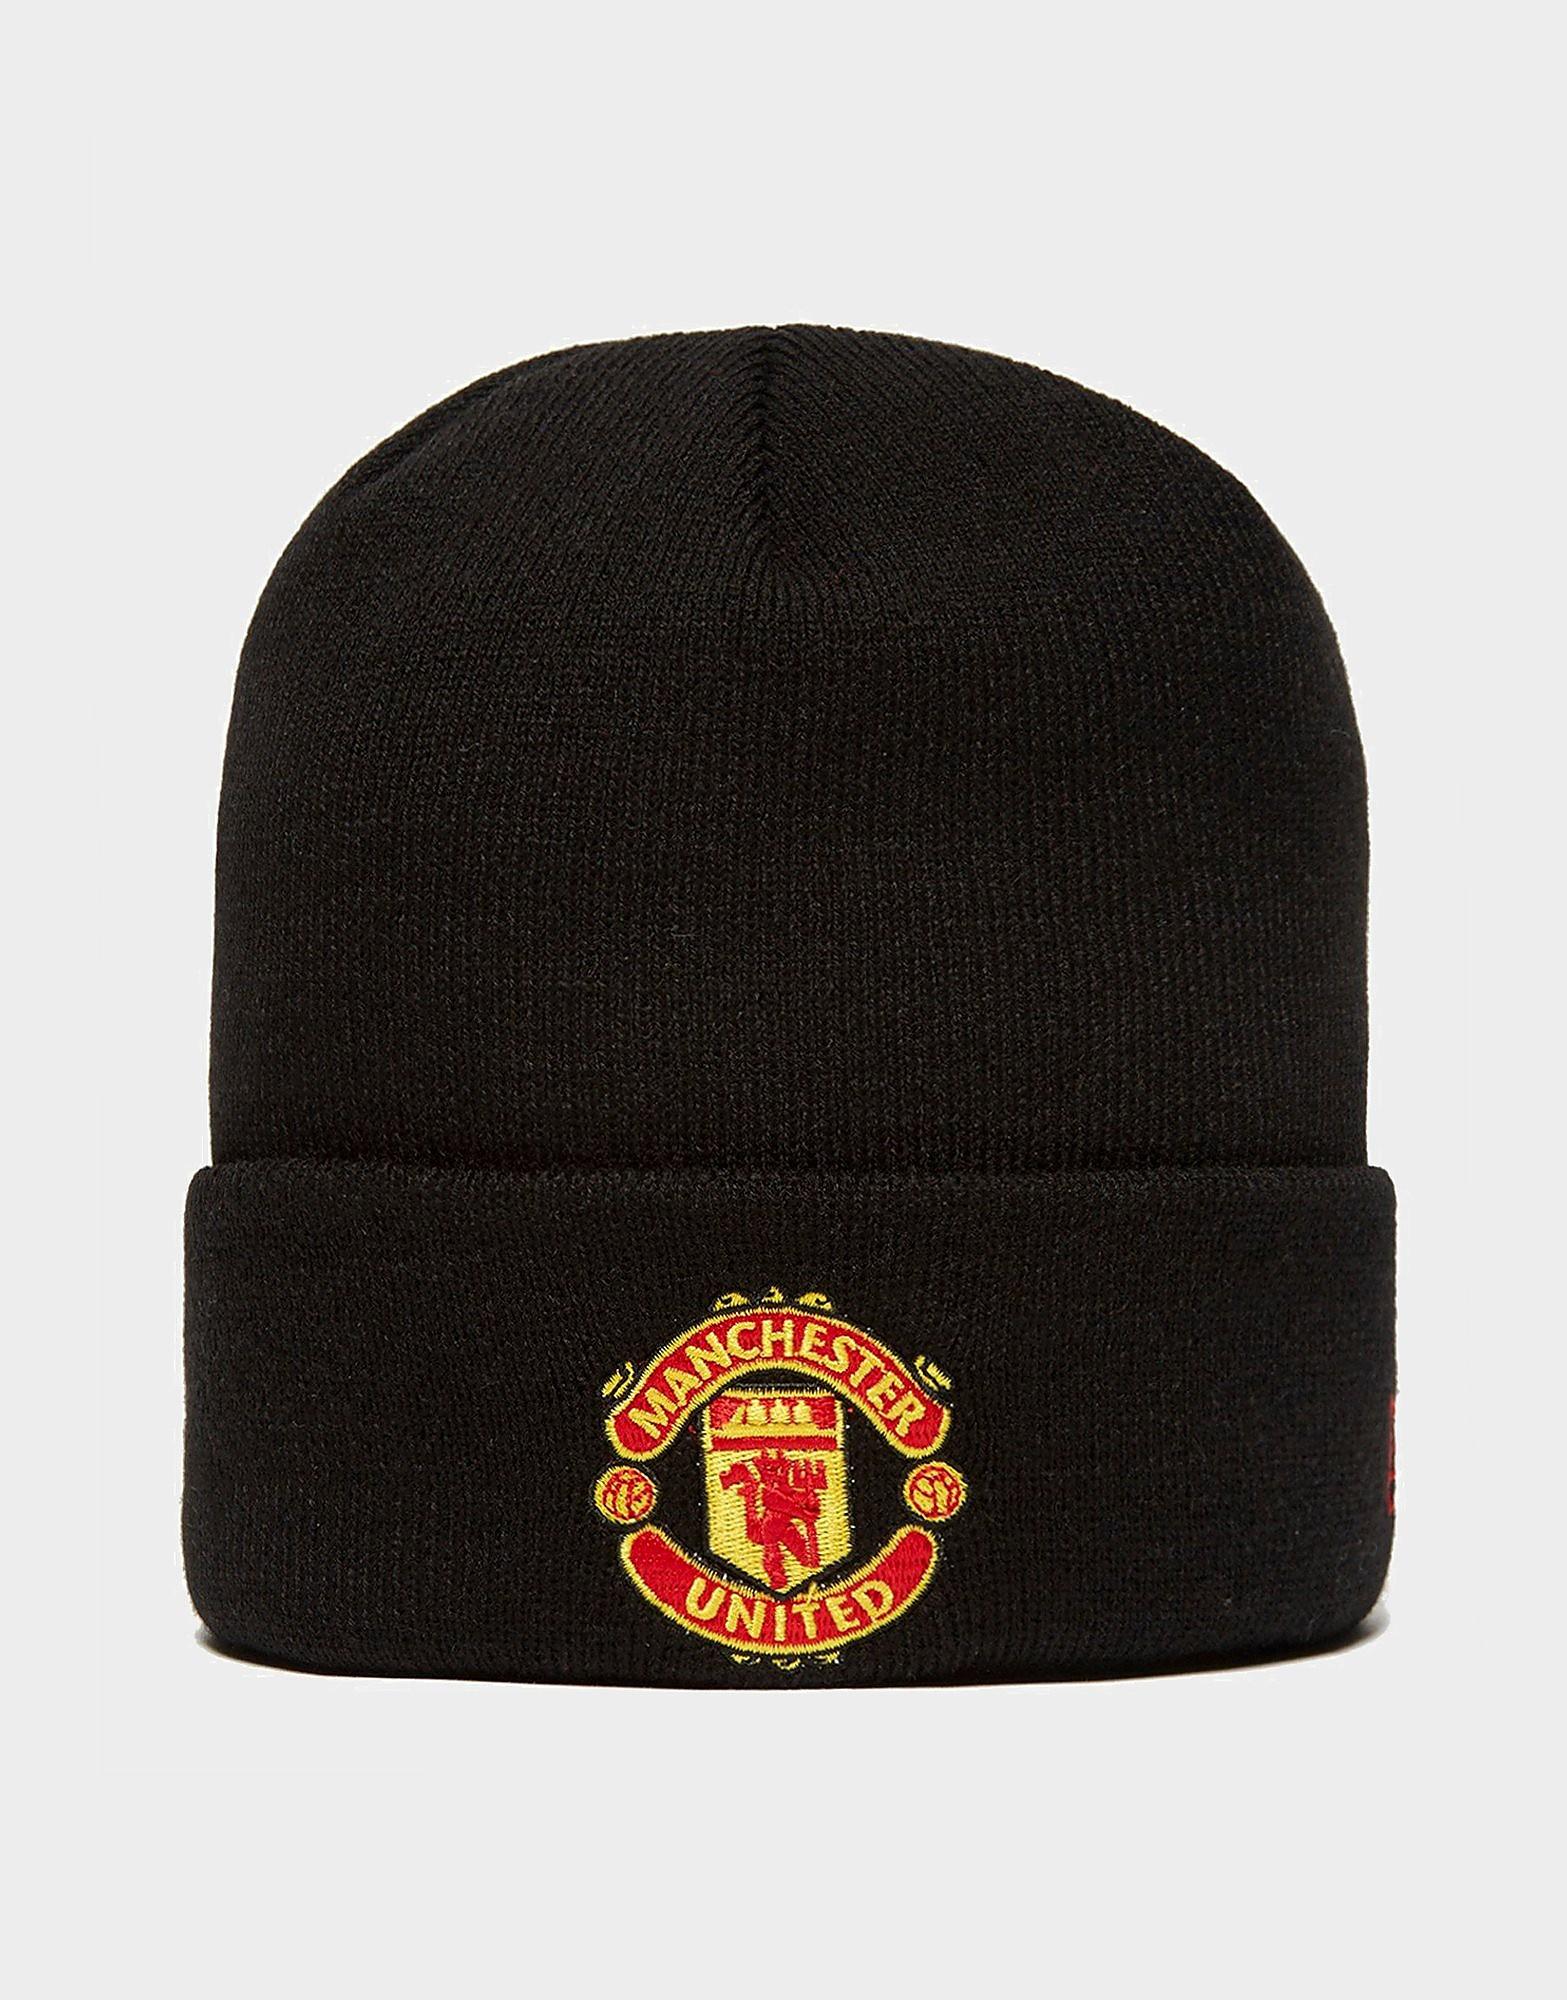 New Era Manchester United Strick-Beanie